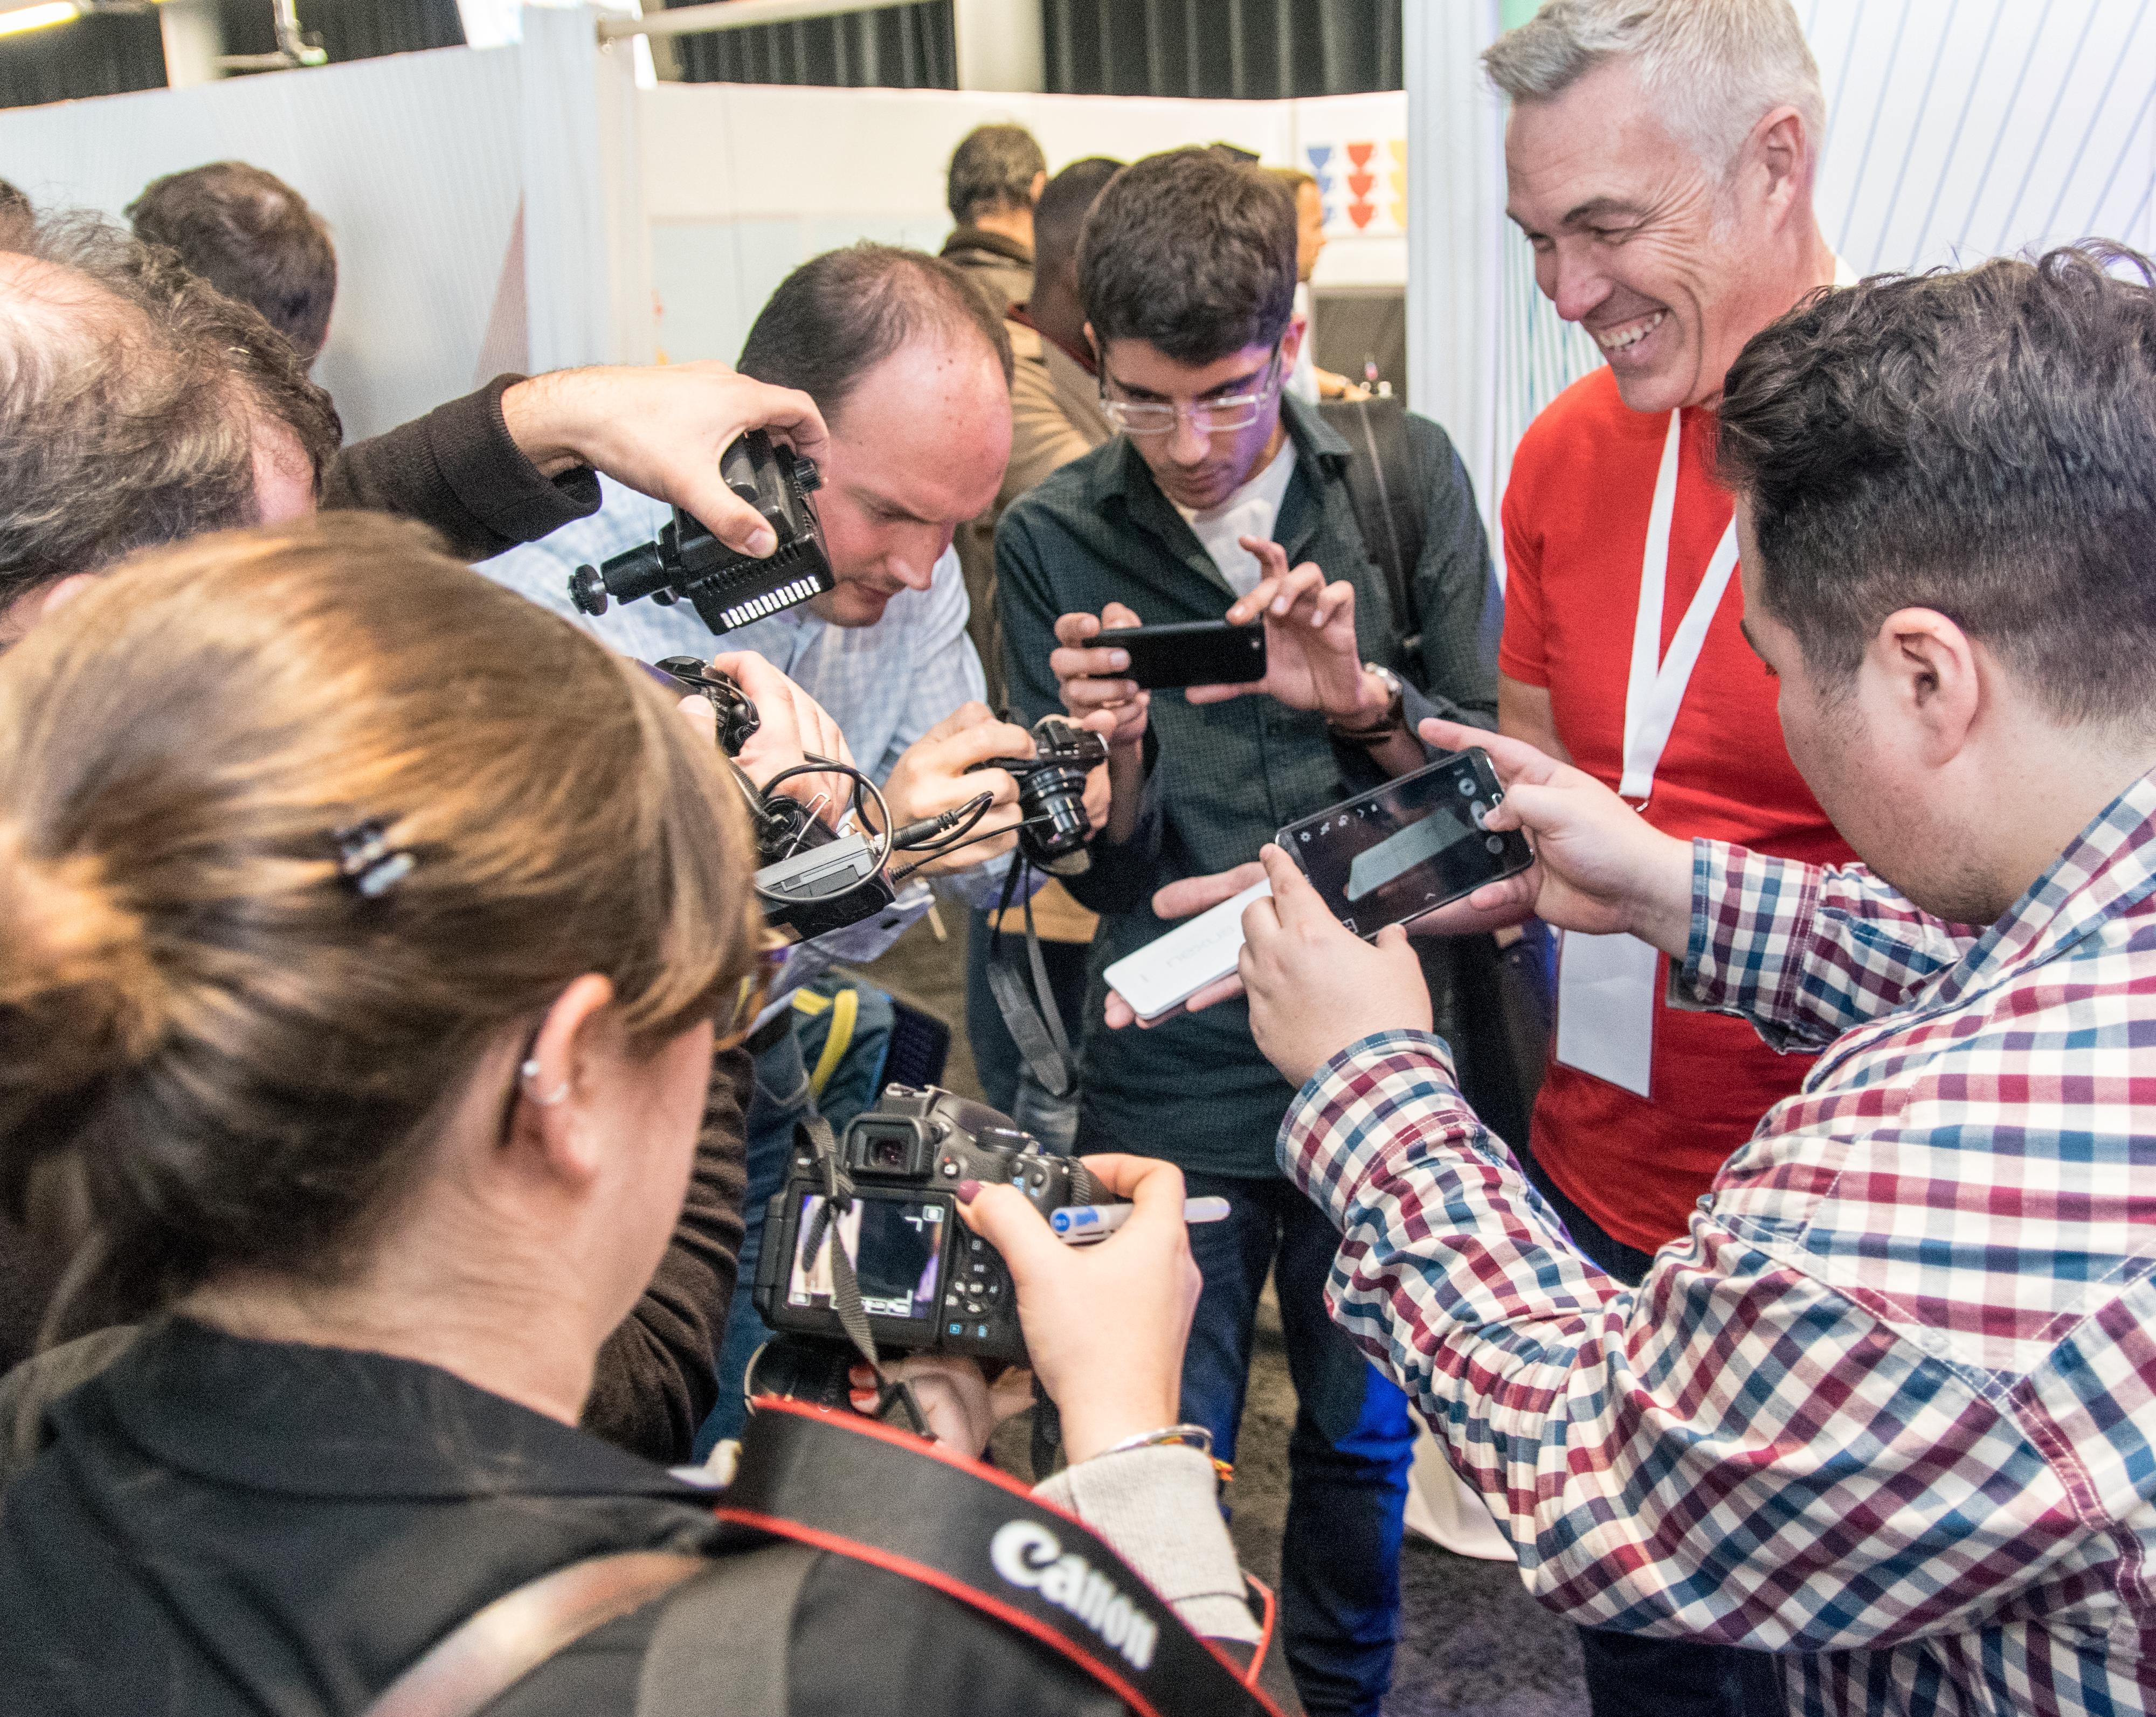 Populær mobil: Googles representanter hadde sitt svare strev med å tilfredsstille alle de fremmøtte her i London. Foto: Finn Jarle Kvalheim, Tek.no